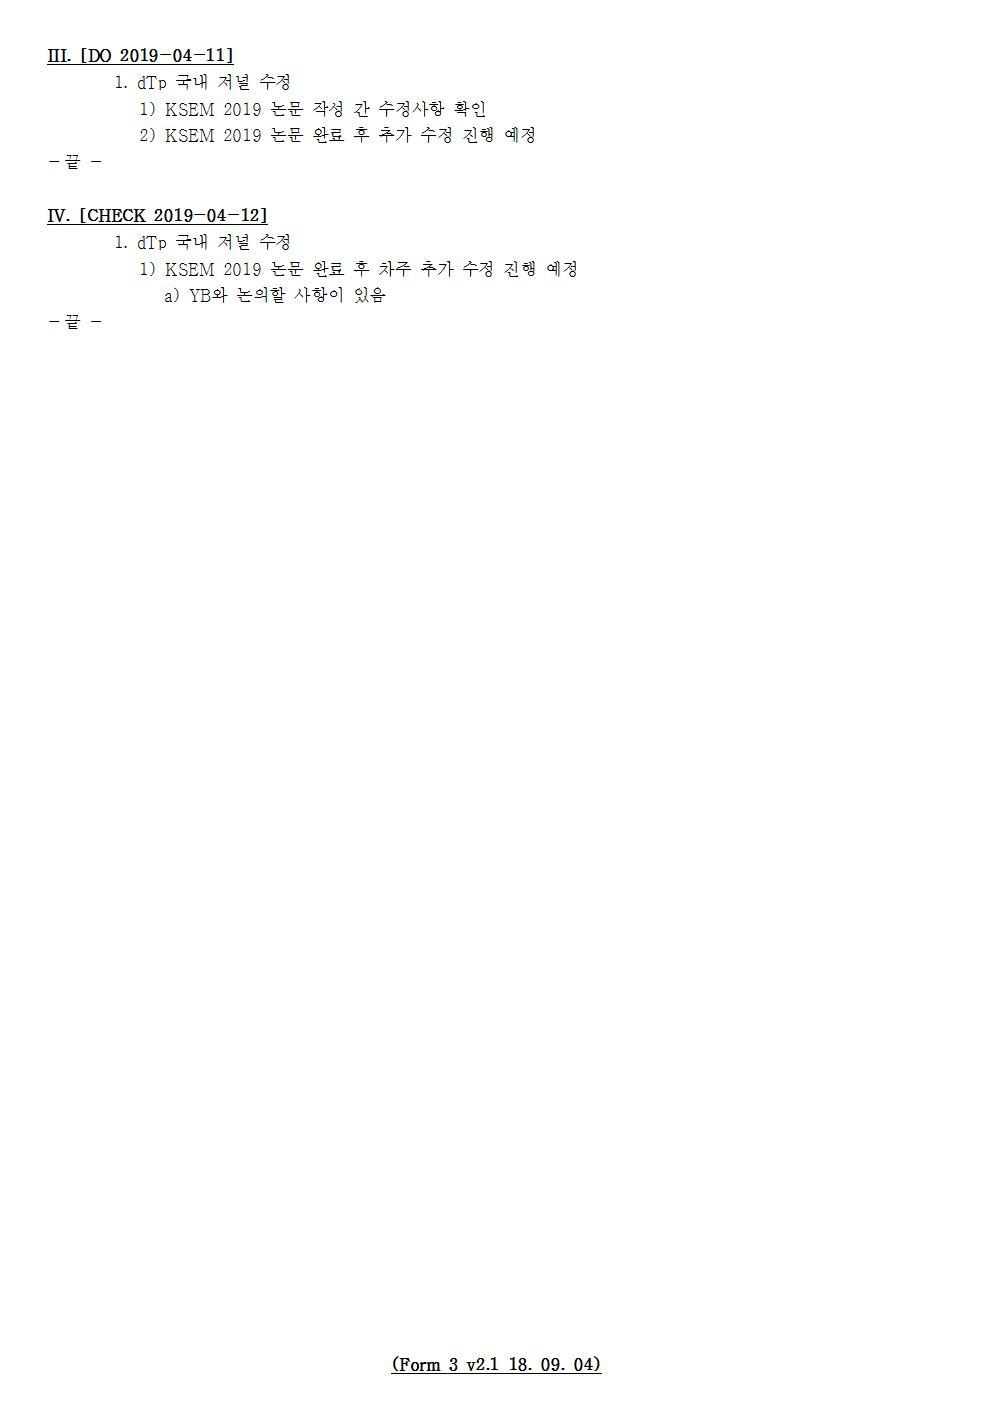 D-[19-012-PP-04]-[dTp-국내]-[2019-04-12][JS]002.jpg